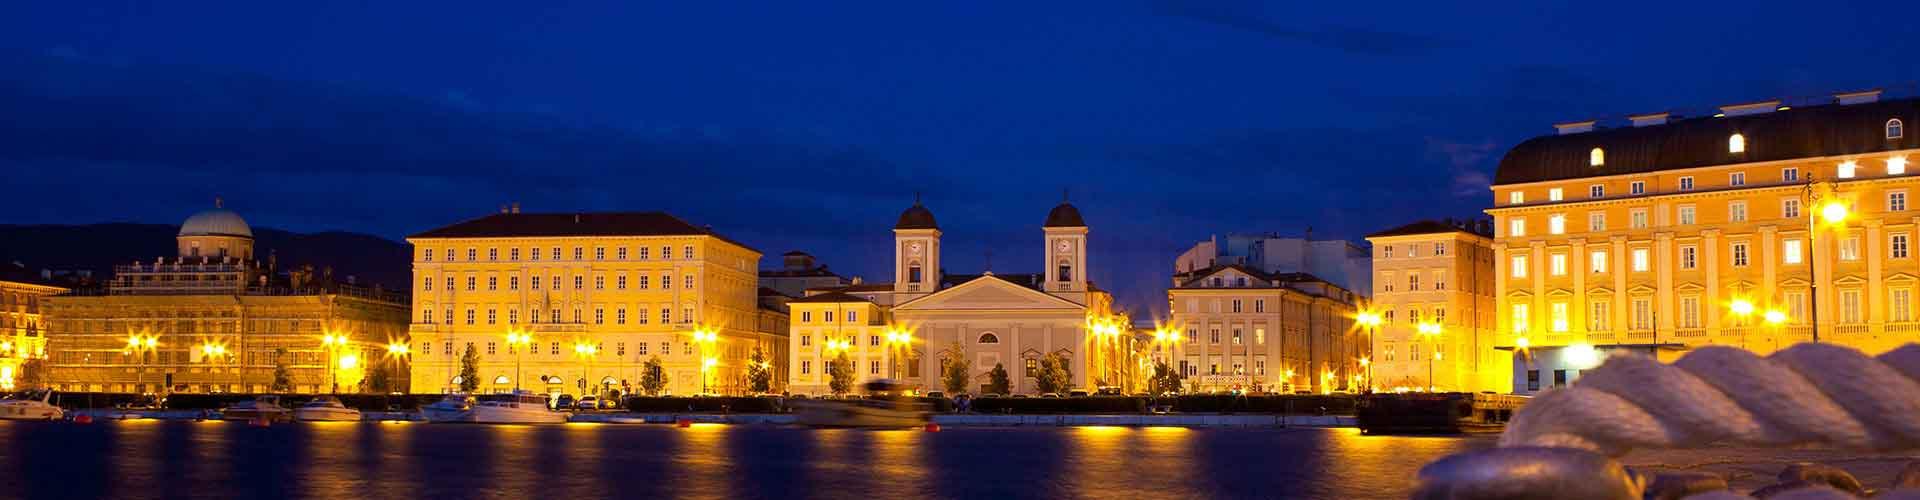 Firenze – Hostellit kaupungiosassa San Niccolò. Firenze -karttoja, valokuvia ja arvosteluja kaikista Firenze -hostelleista.